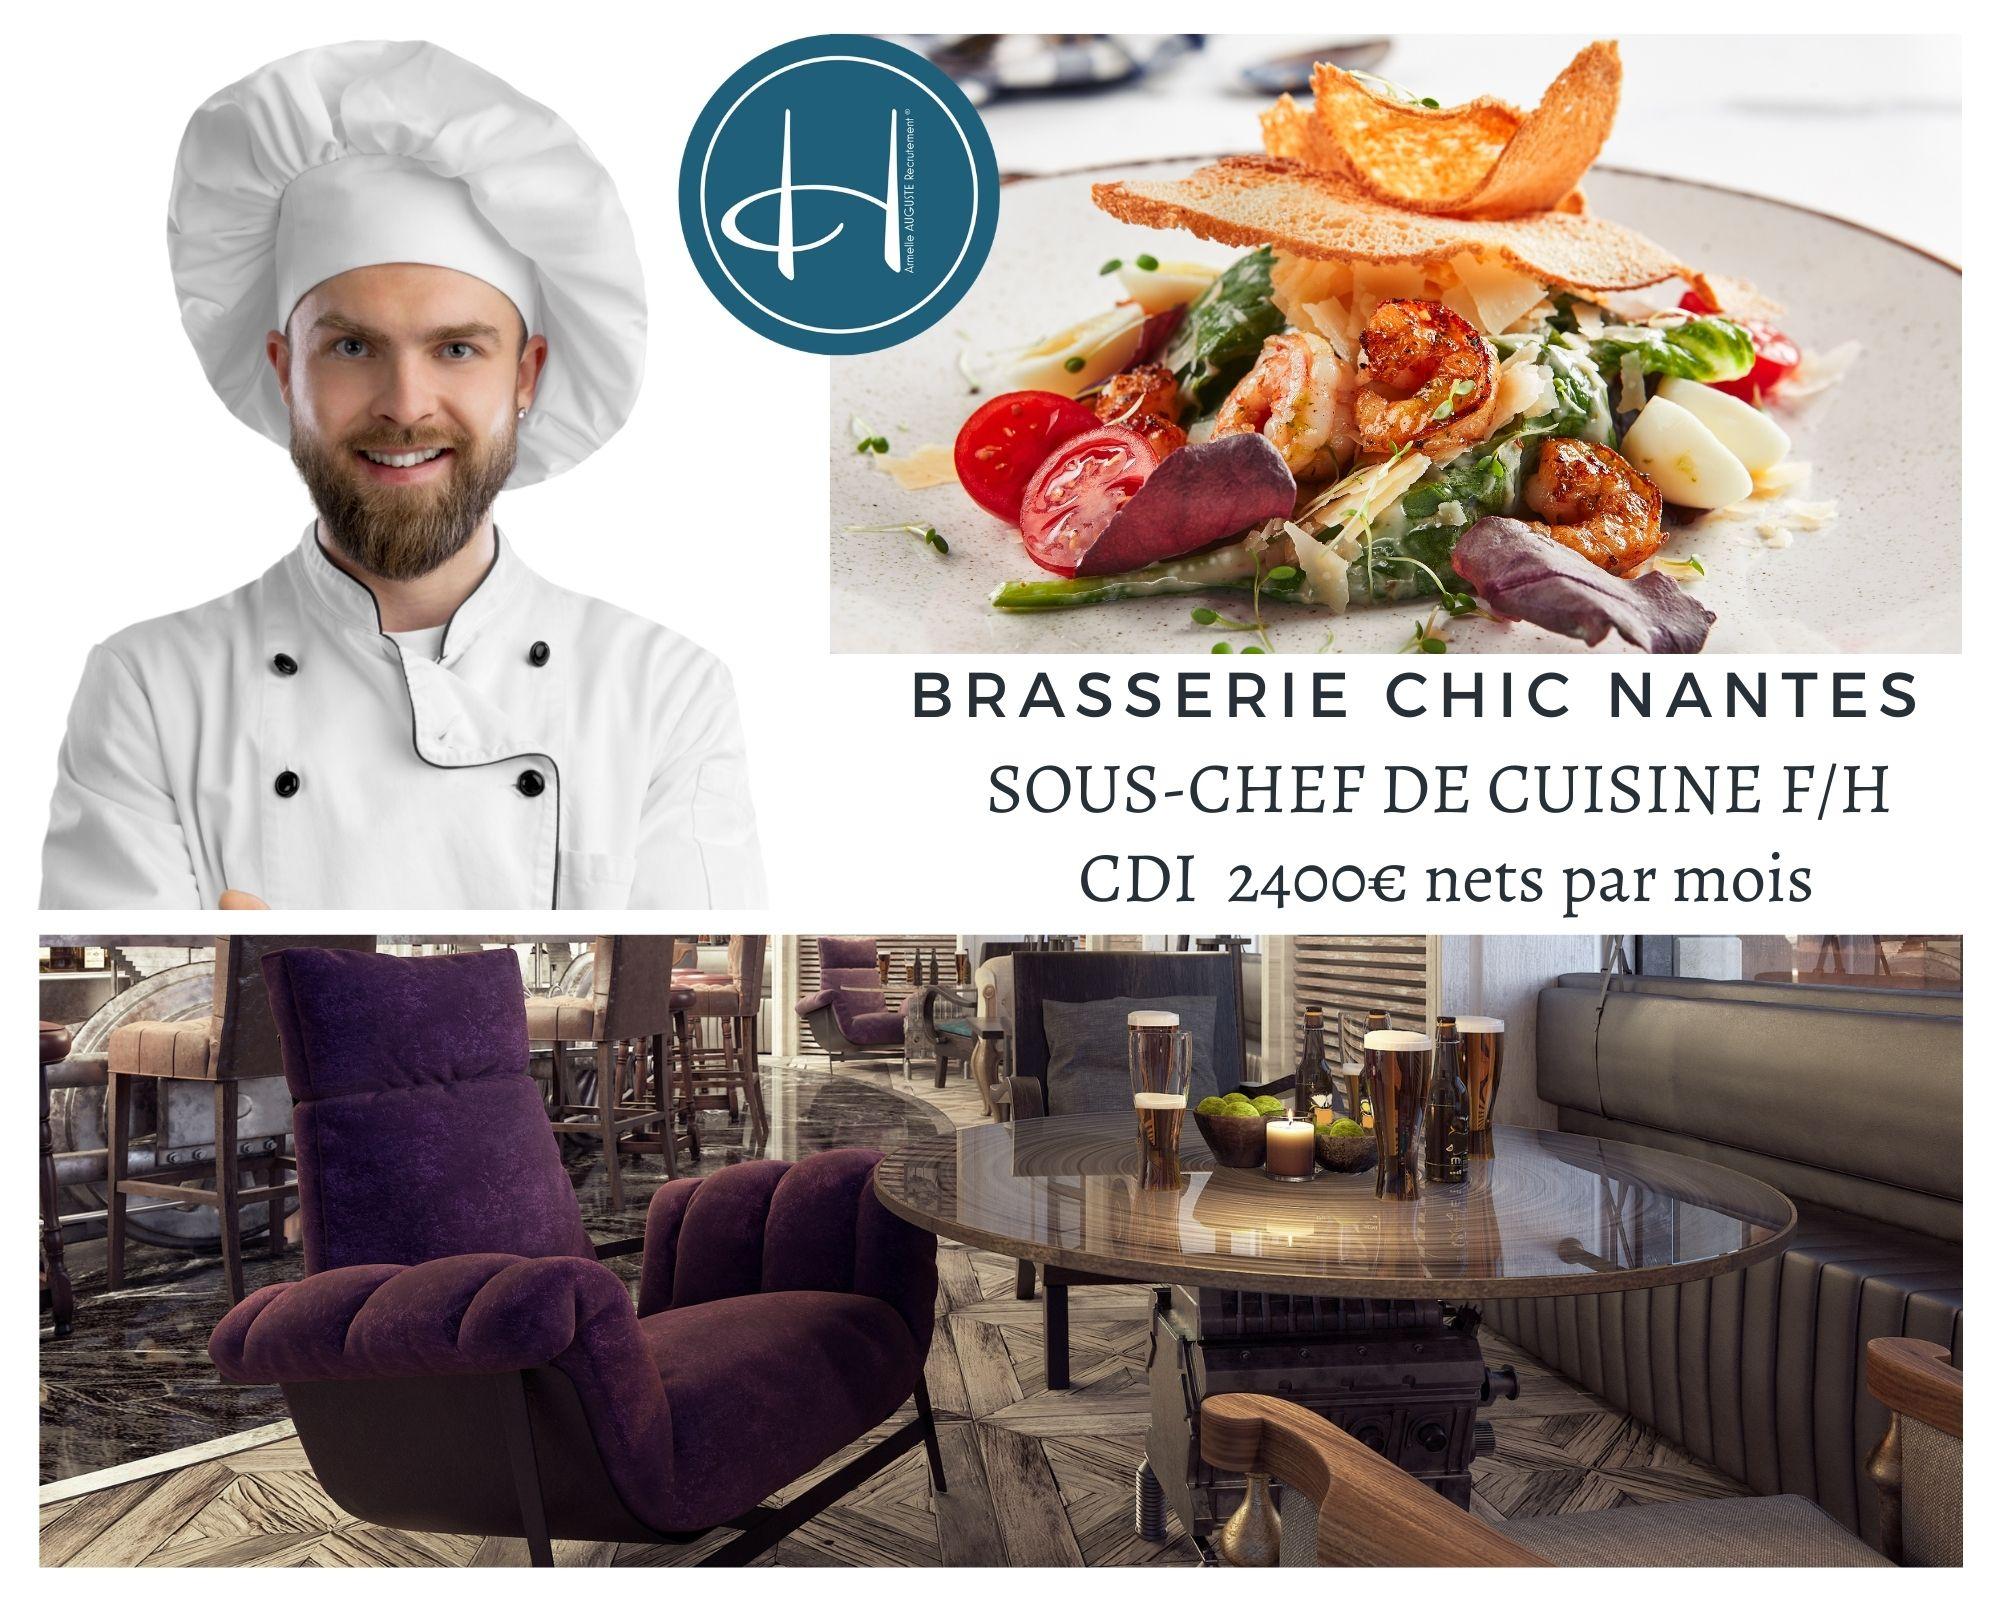 Recrutement: Second de cuisine brasserie chic Nantes F/H chez Armelle AUGUSTE Recrutement® à Nantes